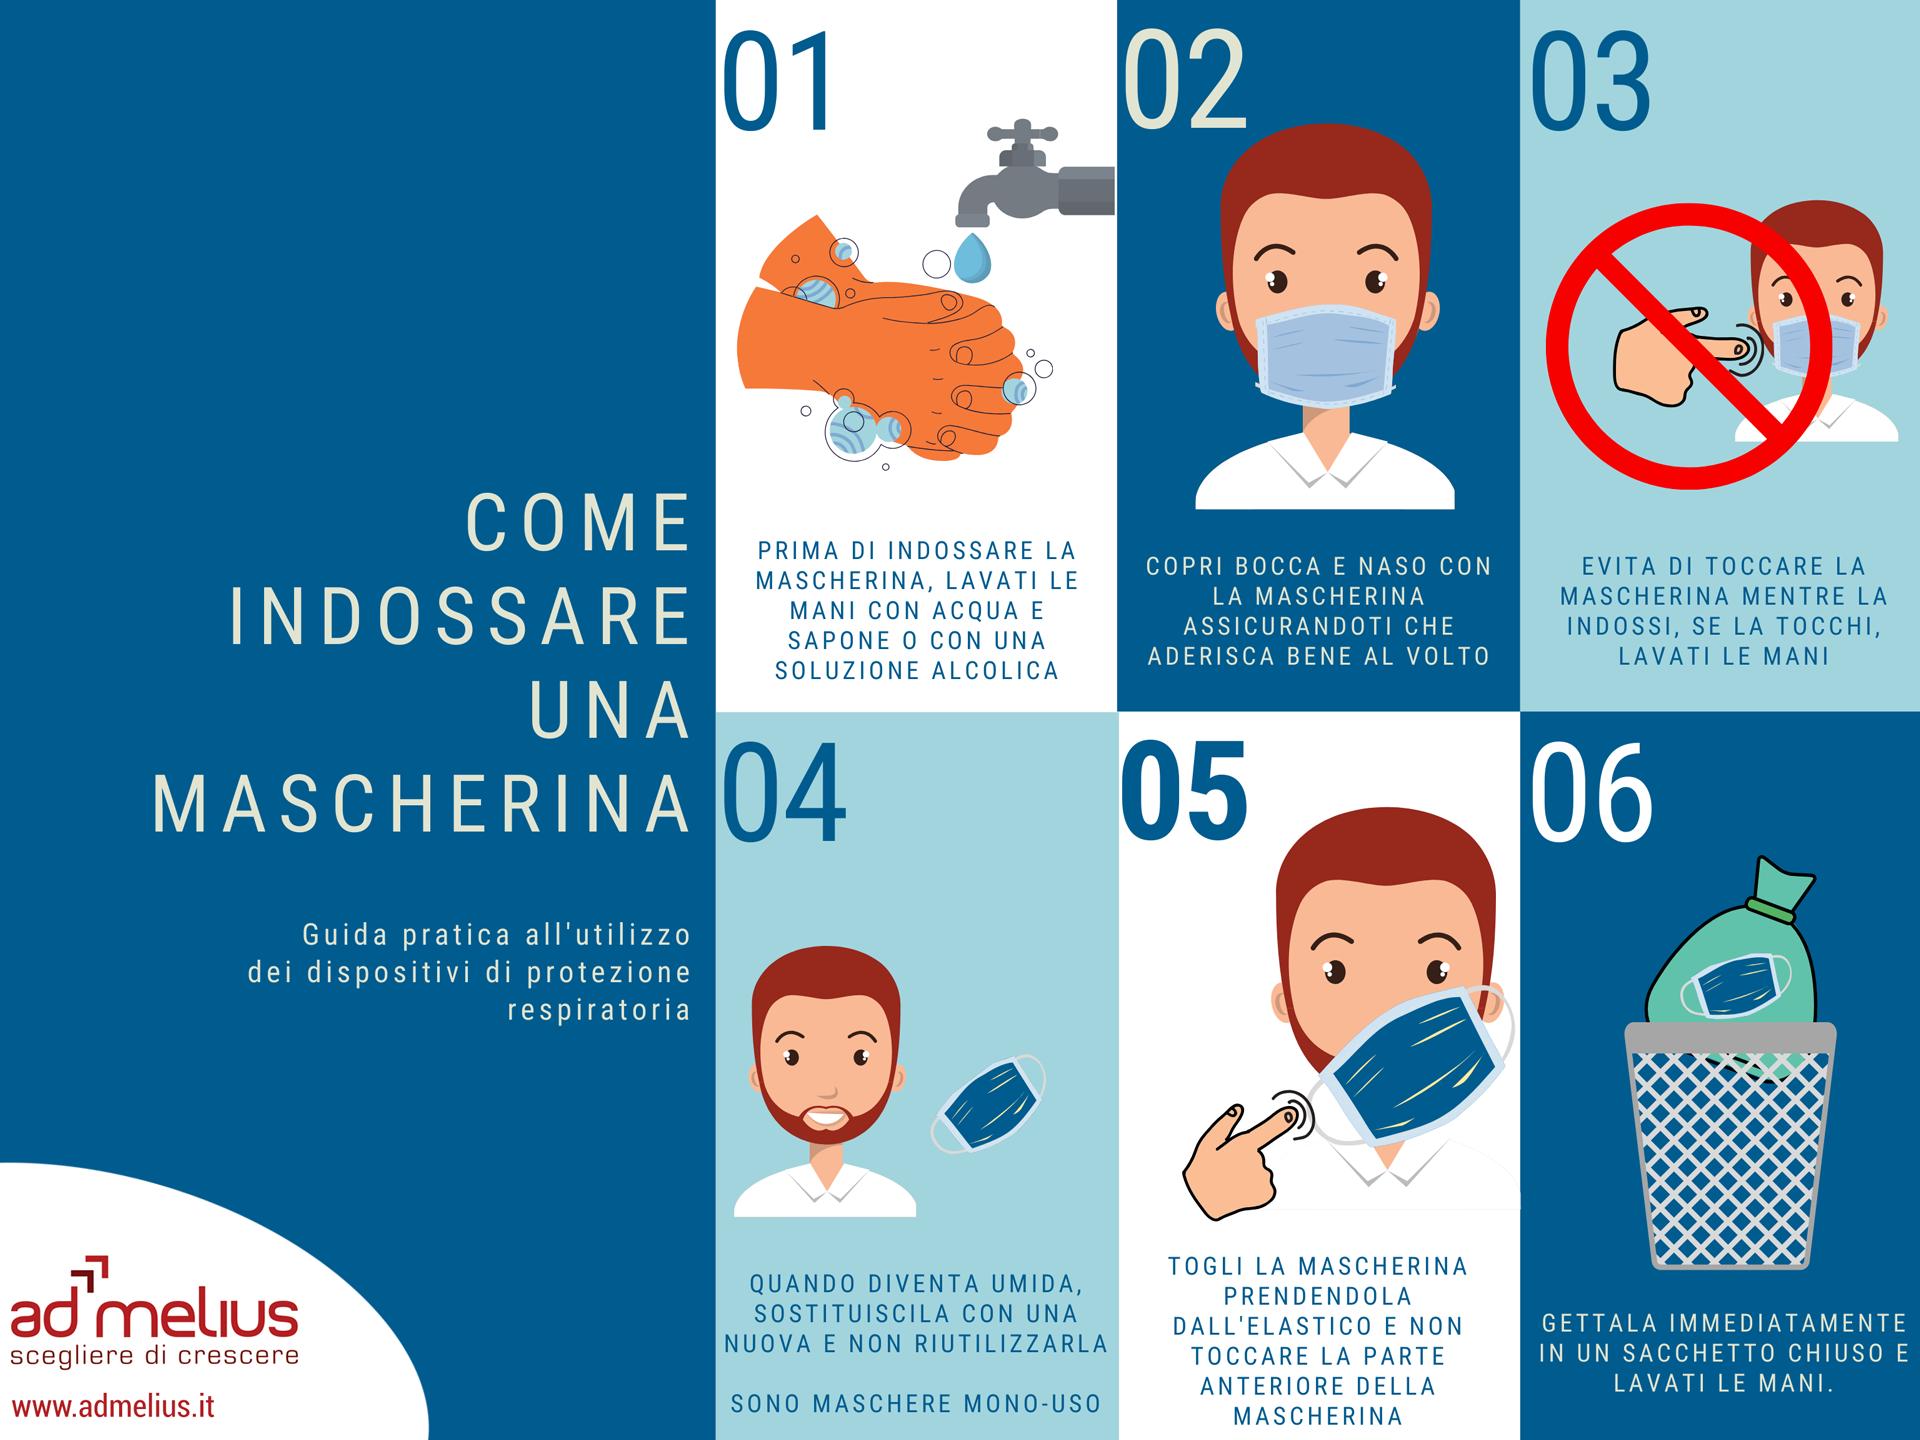 infografica guida pratica all'utilizzo di mascherine e dpi per la protezione respiratoria